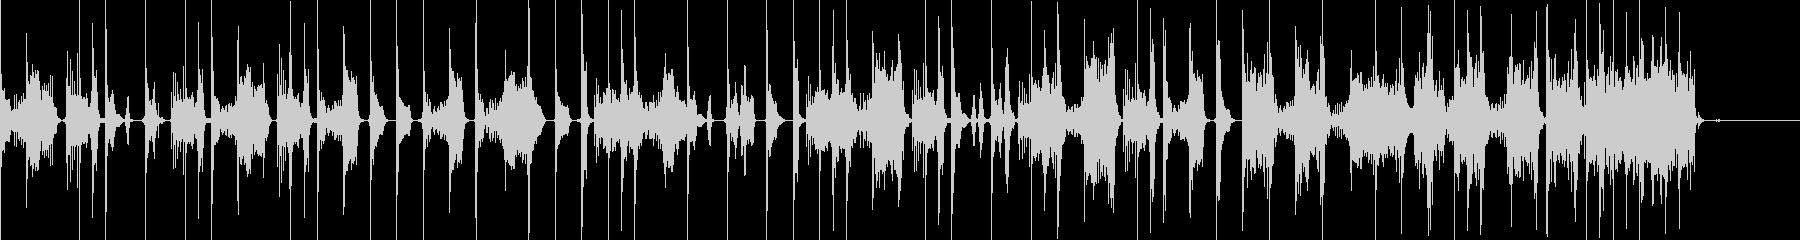 ビートボックスとファミコン音で構築した曲の未再生の波形